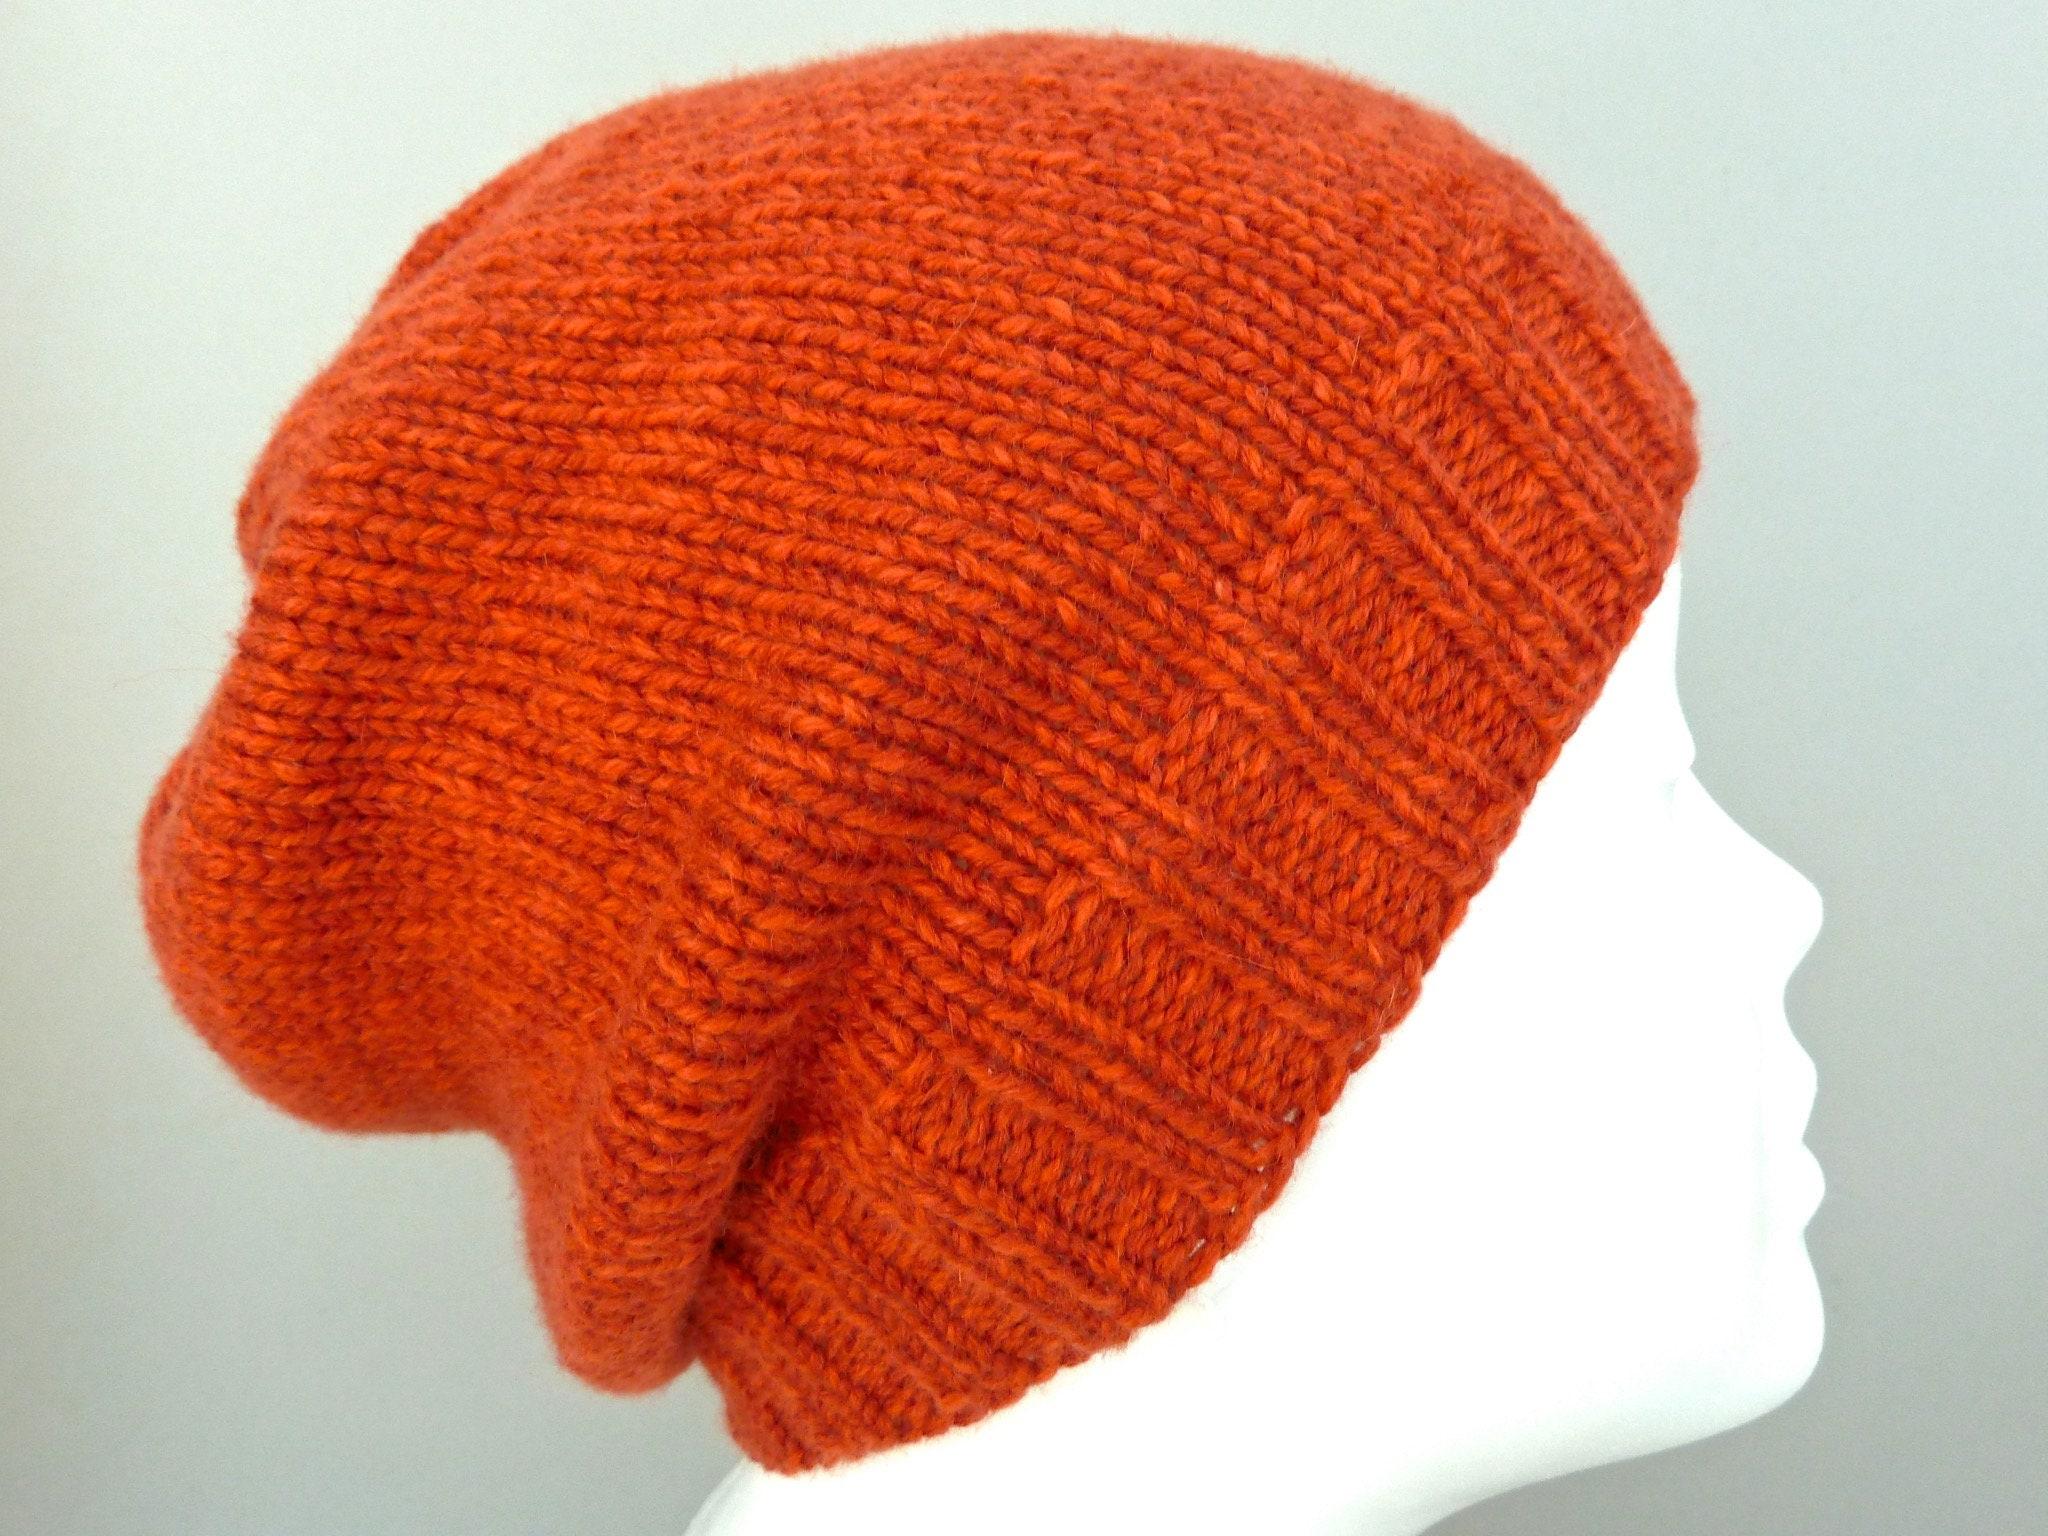 858e6e557377 Burnt orange 100% merino wool hat. Hand knit beanie hat for